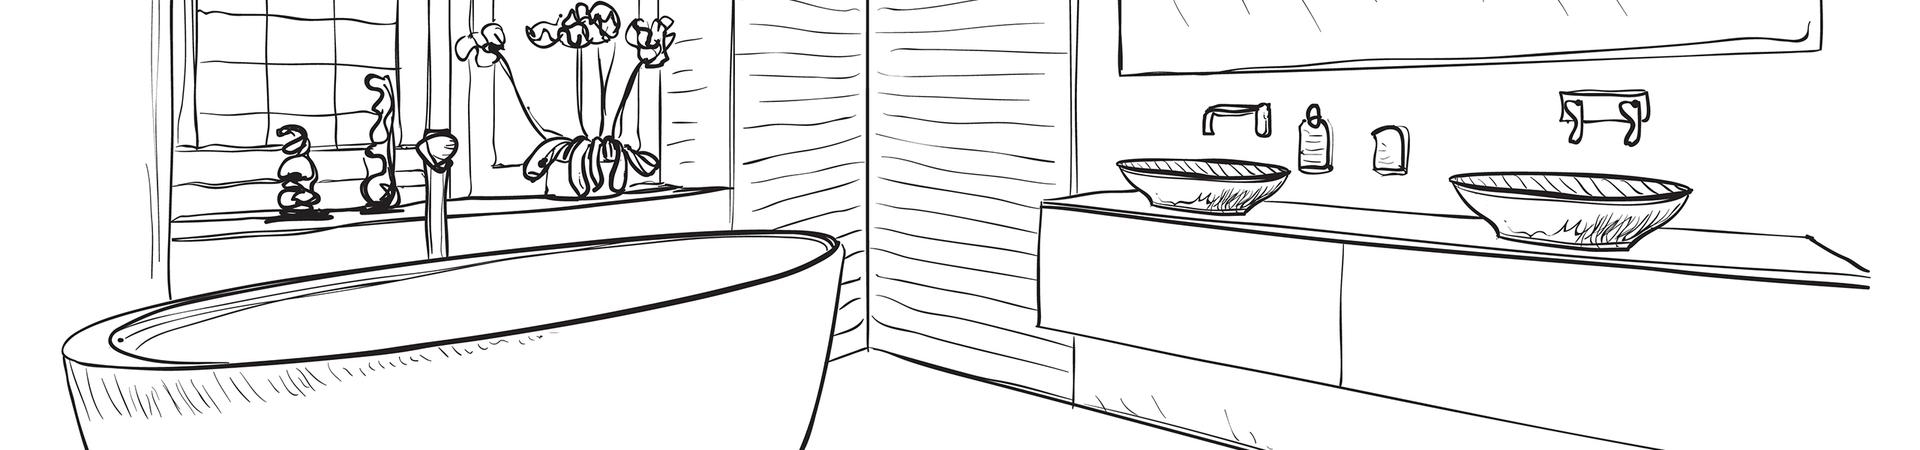 Badkamer ontwerpen - Badkamer ontwerpen